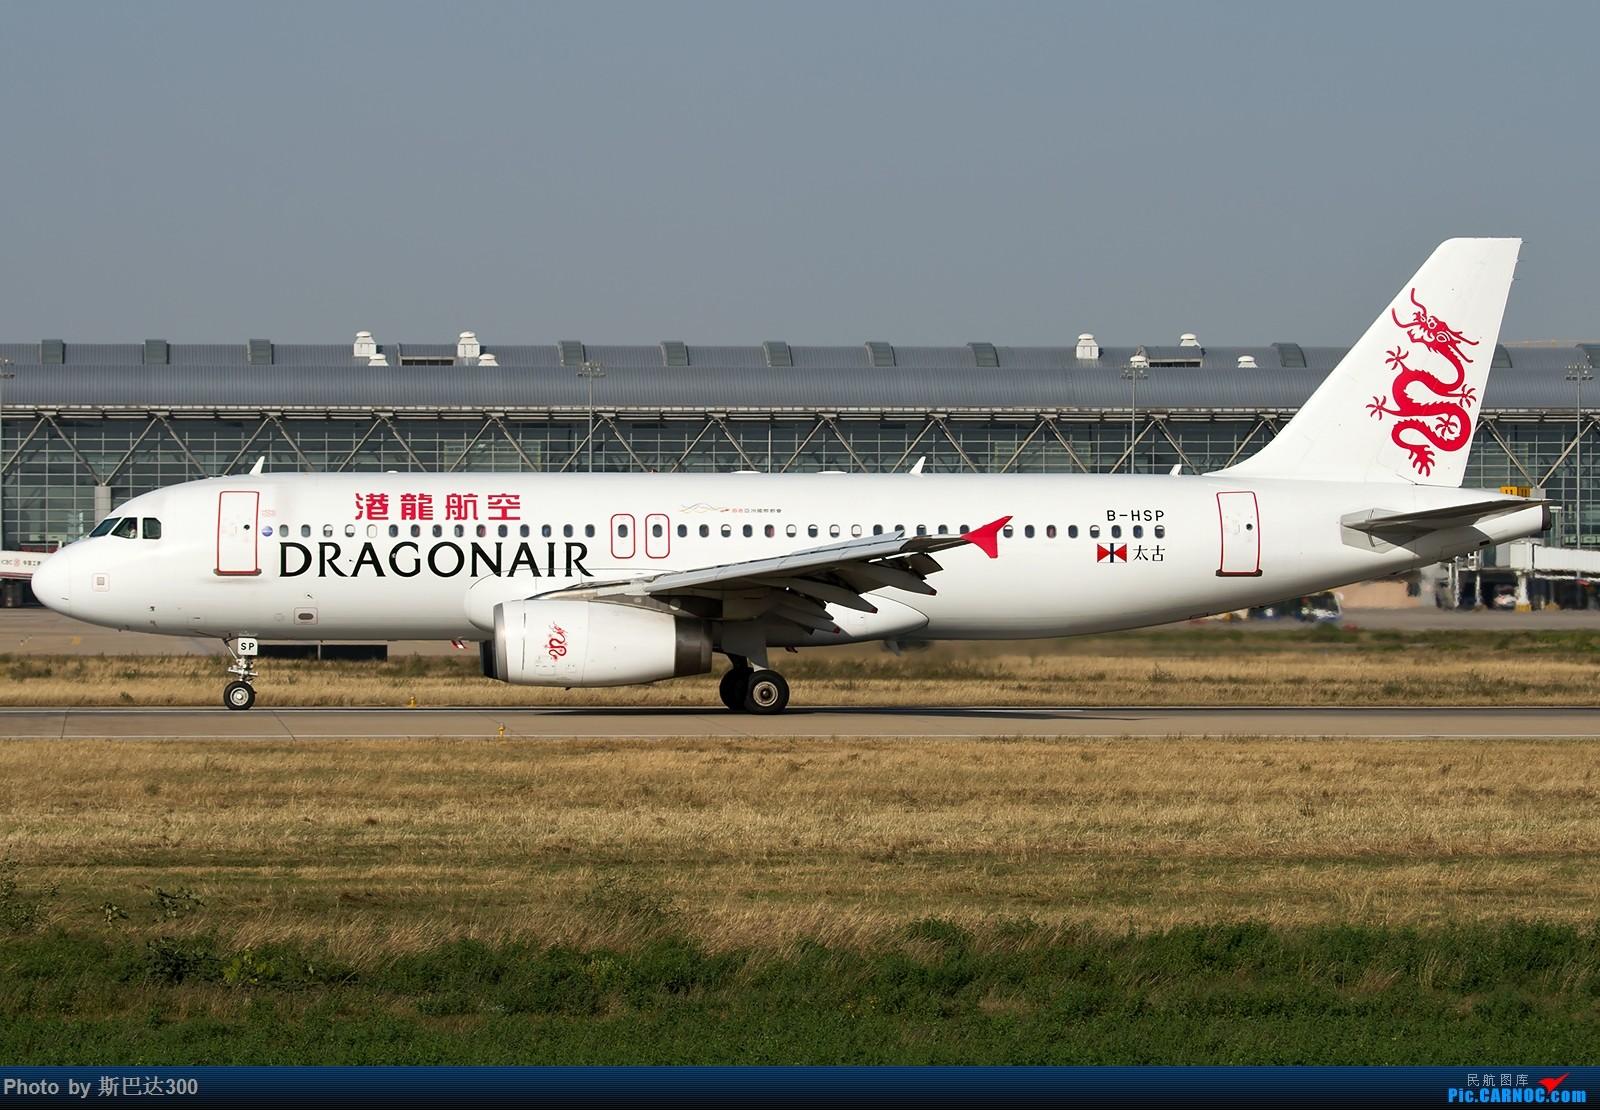 Re:[原创]1600 杂图一组 AIRBUS A320-200 B-HSP 中国郑州新郑国际机场